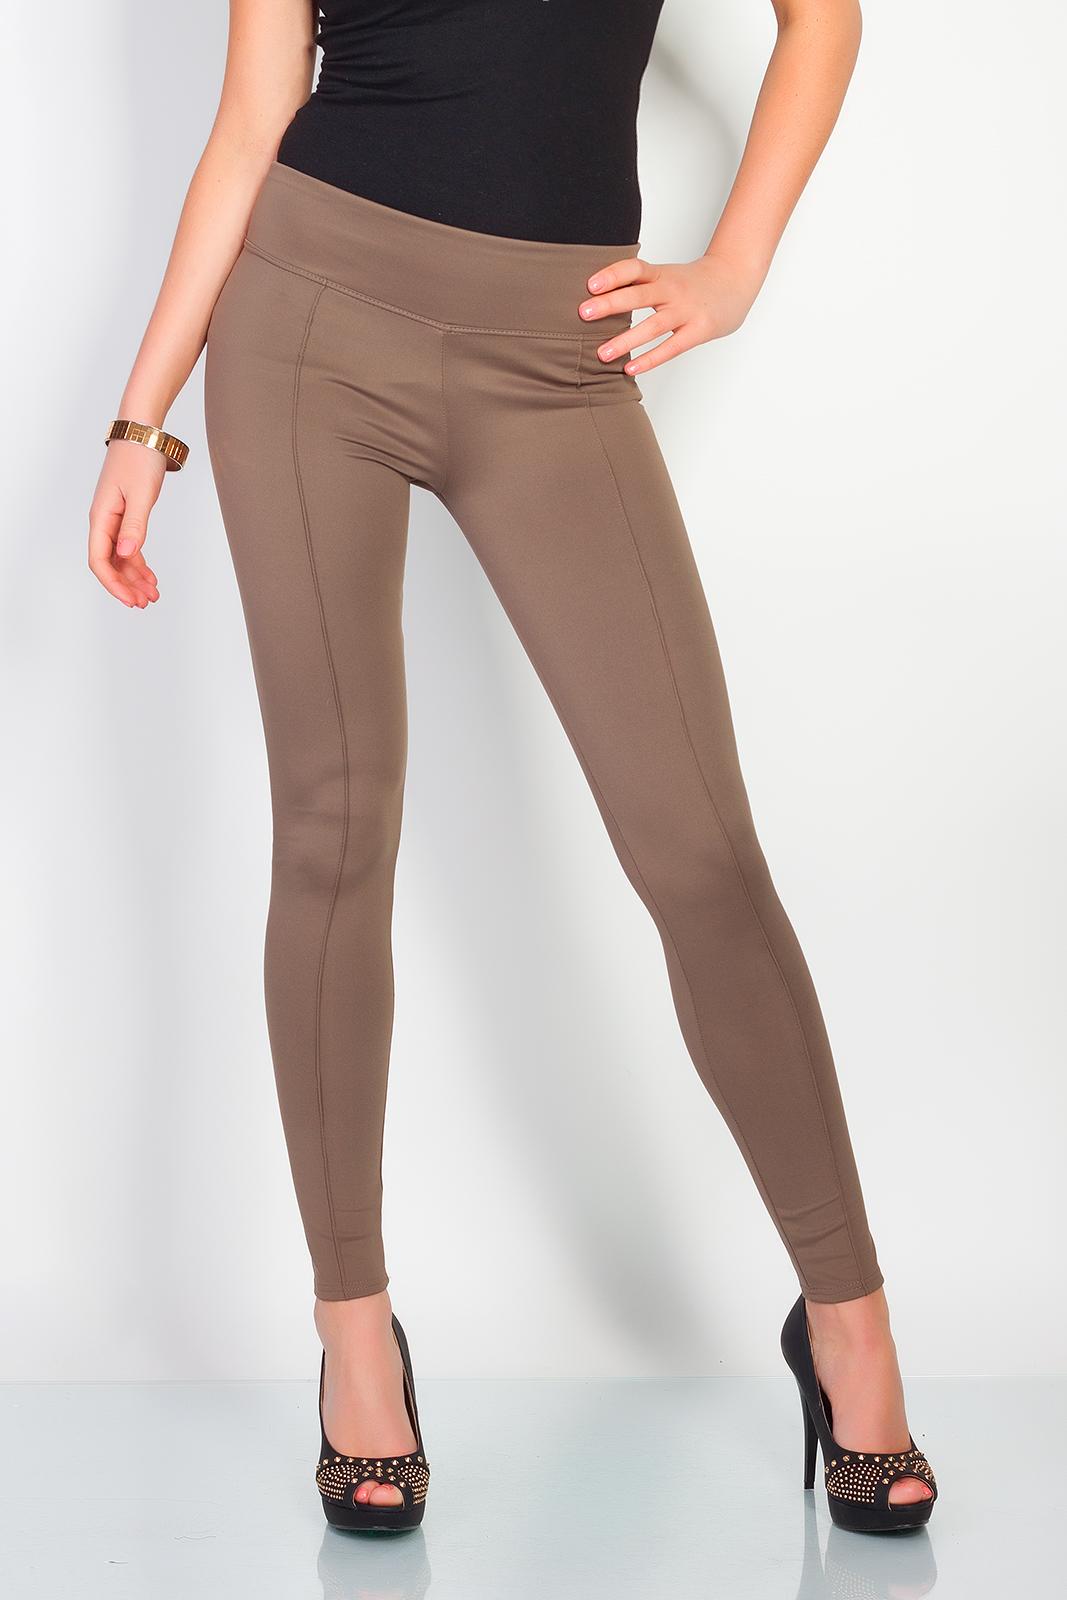 Úzké kalhoty, styl džegíny